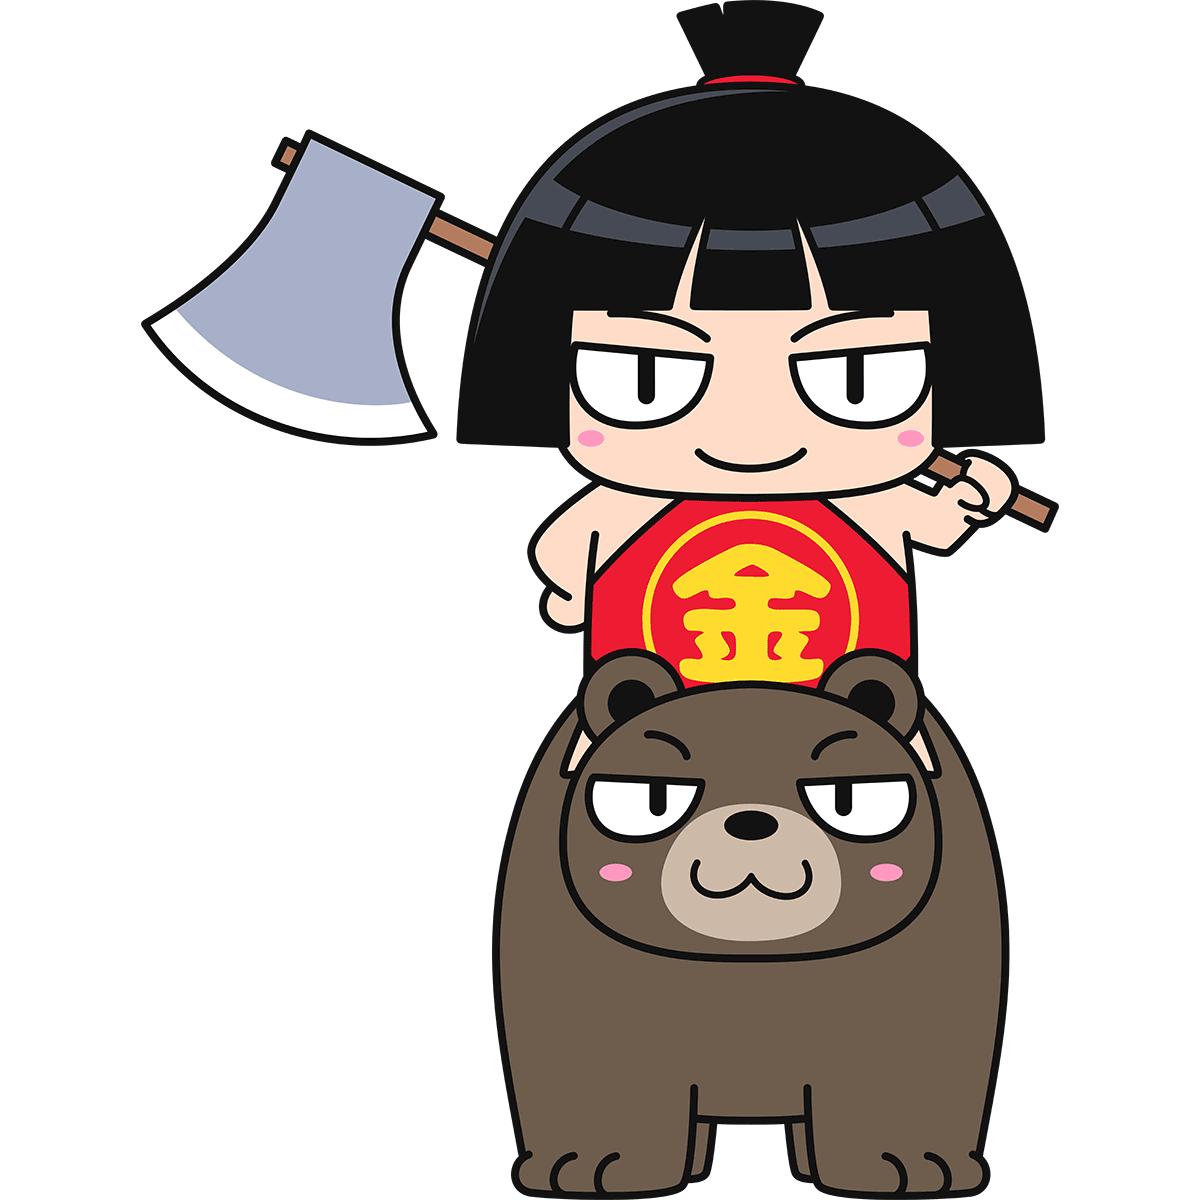 熊に乗った金太郎の無料イラスト